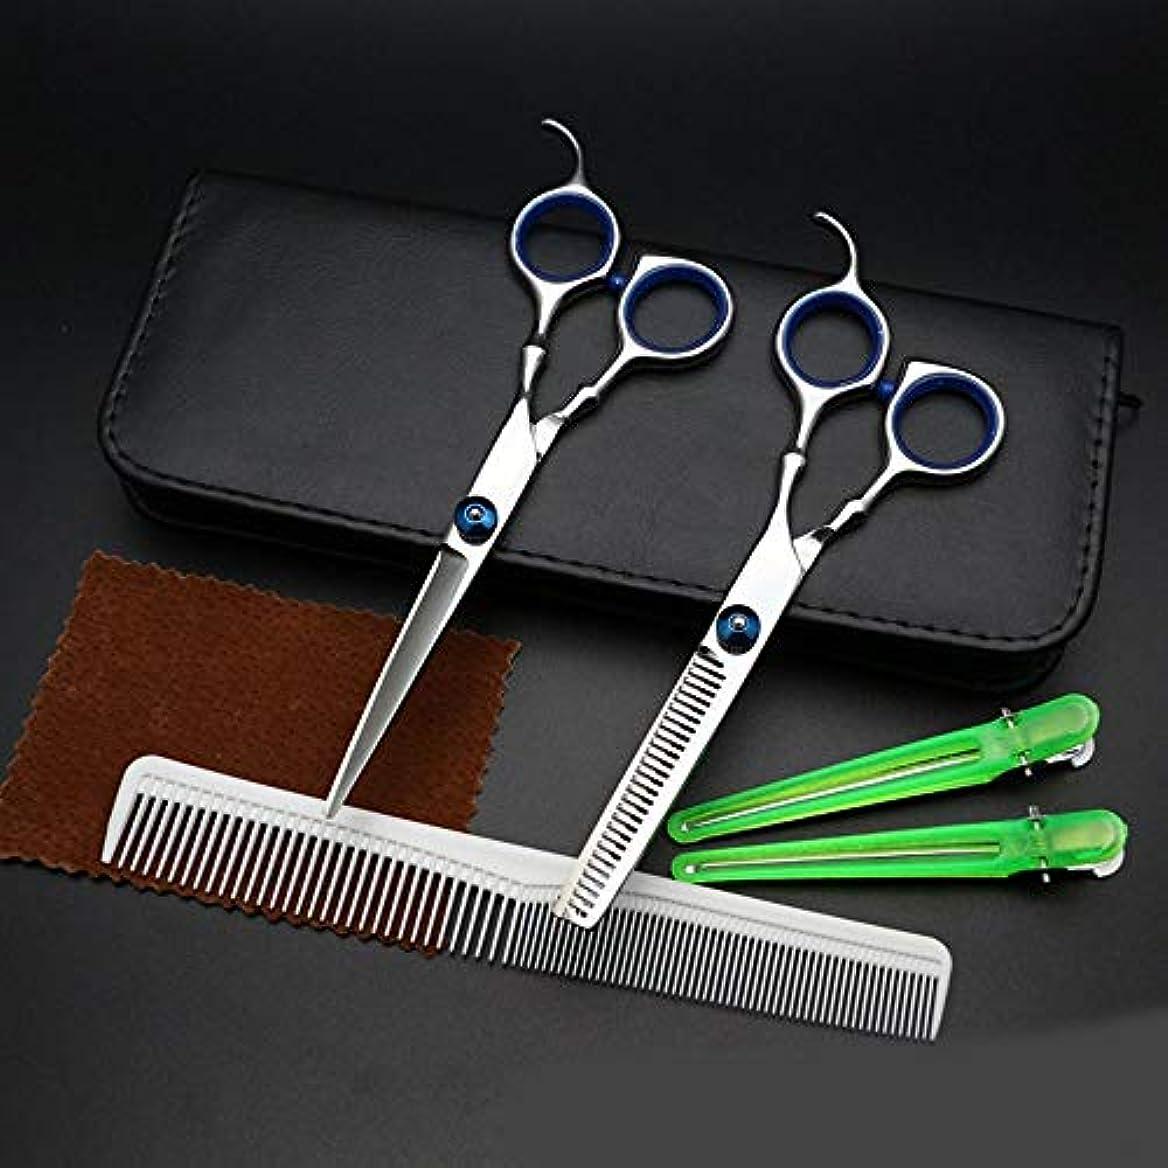 狂気クール簡潔なWASAIO ブルースクリュー理髪はさみ竹プロフェッショナル理容テクスチャーサロンレイザーエッジシザーヘアカットのはさみステンレスツールセット6.0インチハンドル (色 : 青)